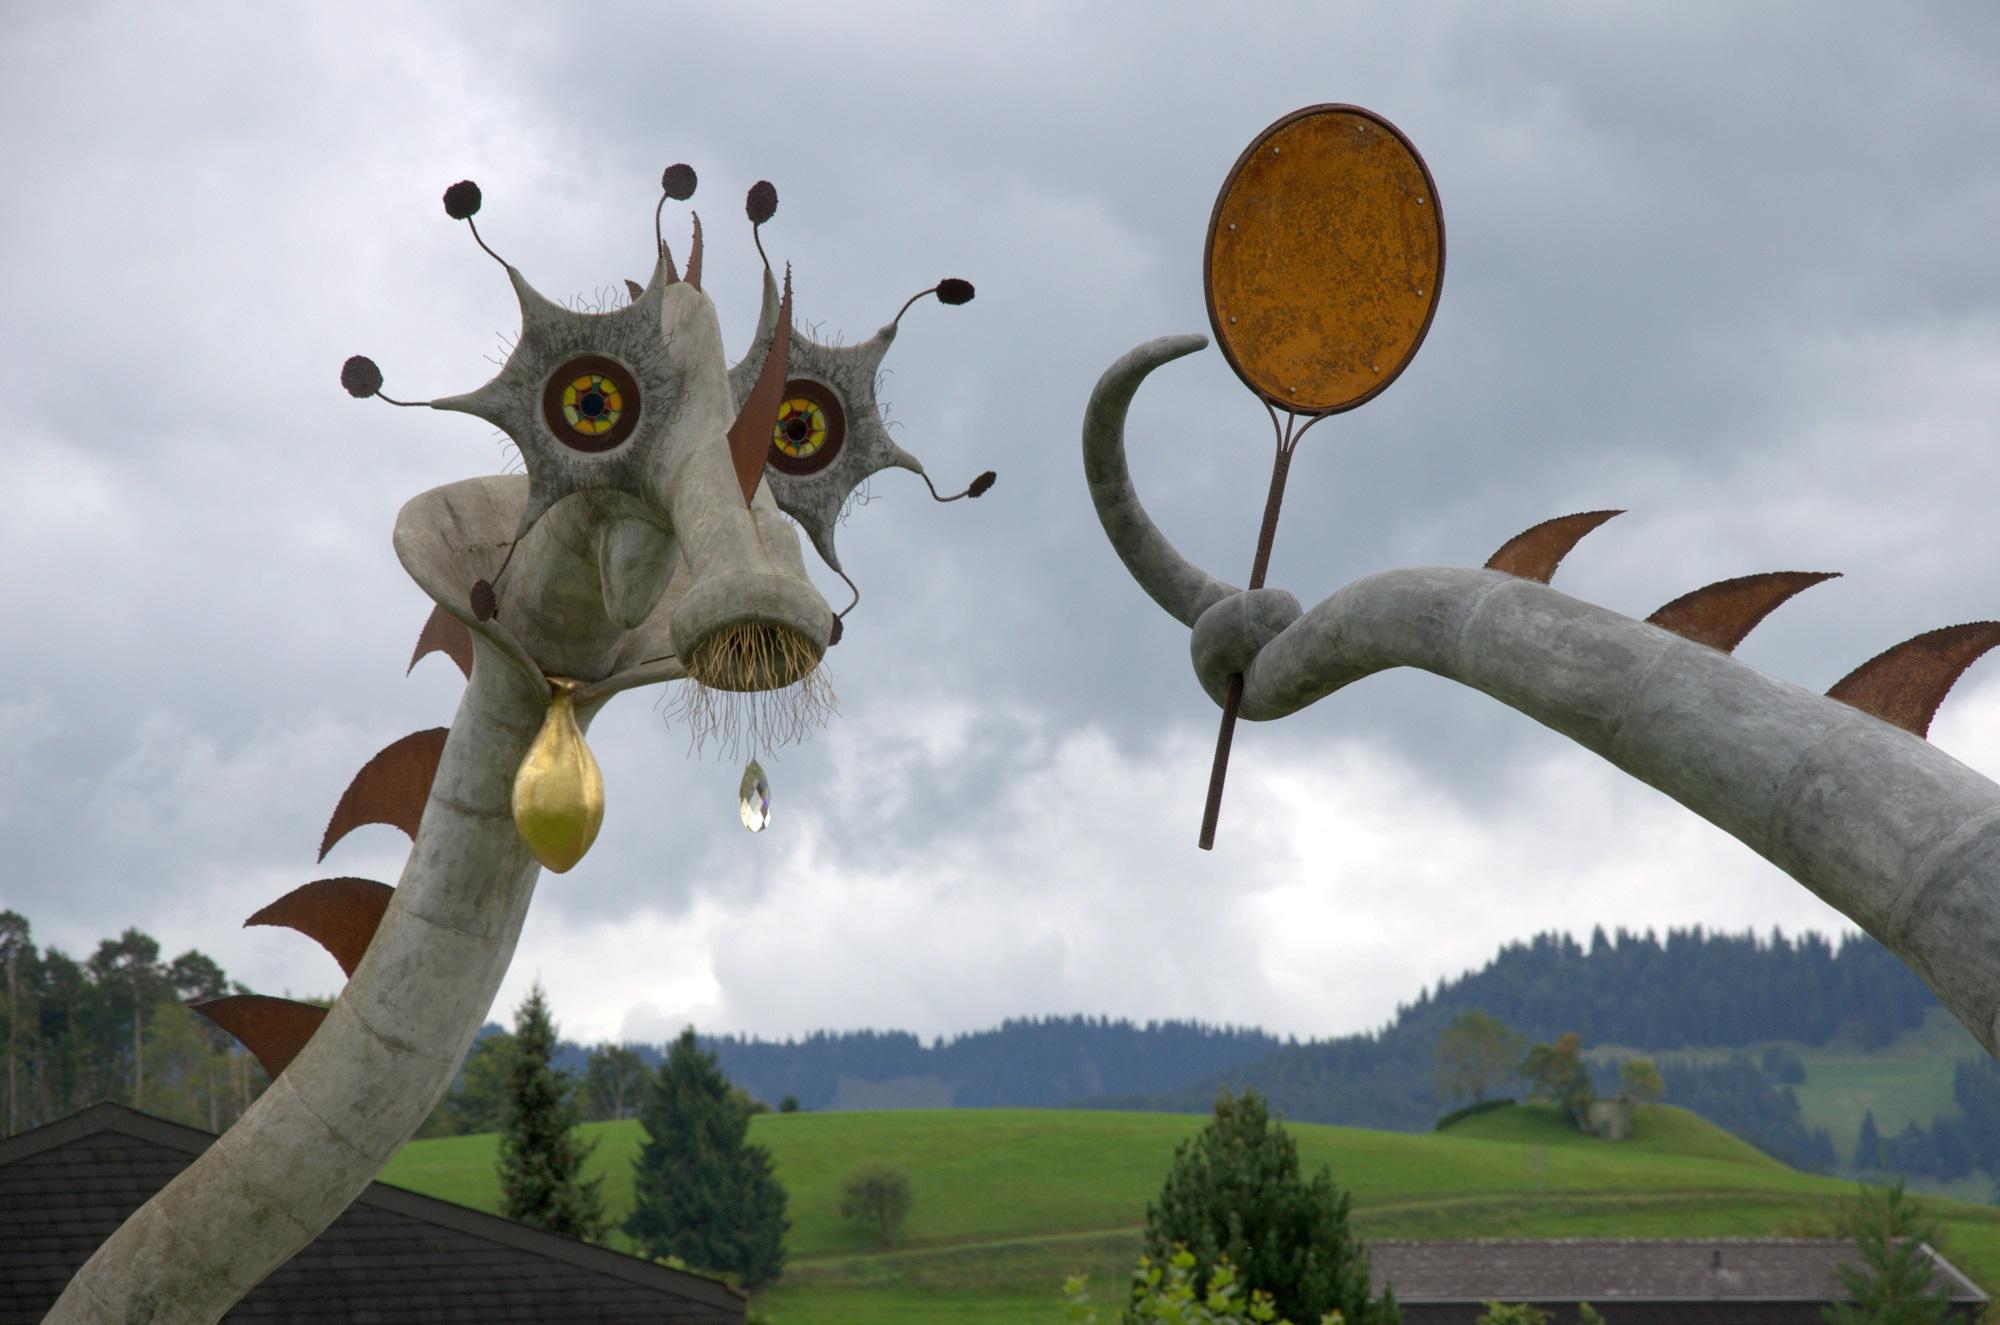 Holzfiguren Garten Selber Machen Inspirierend 2020 02 17t09 33 52 880 01 00 Na 100 Aquapark 1